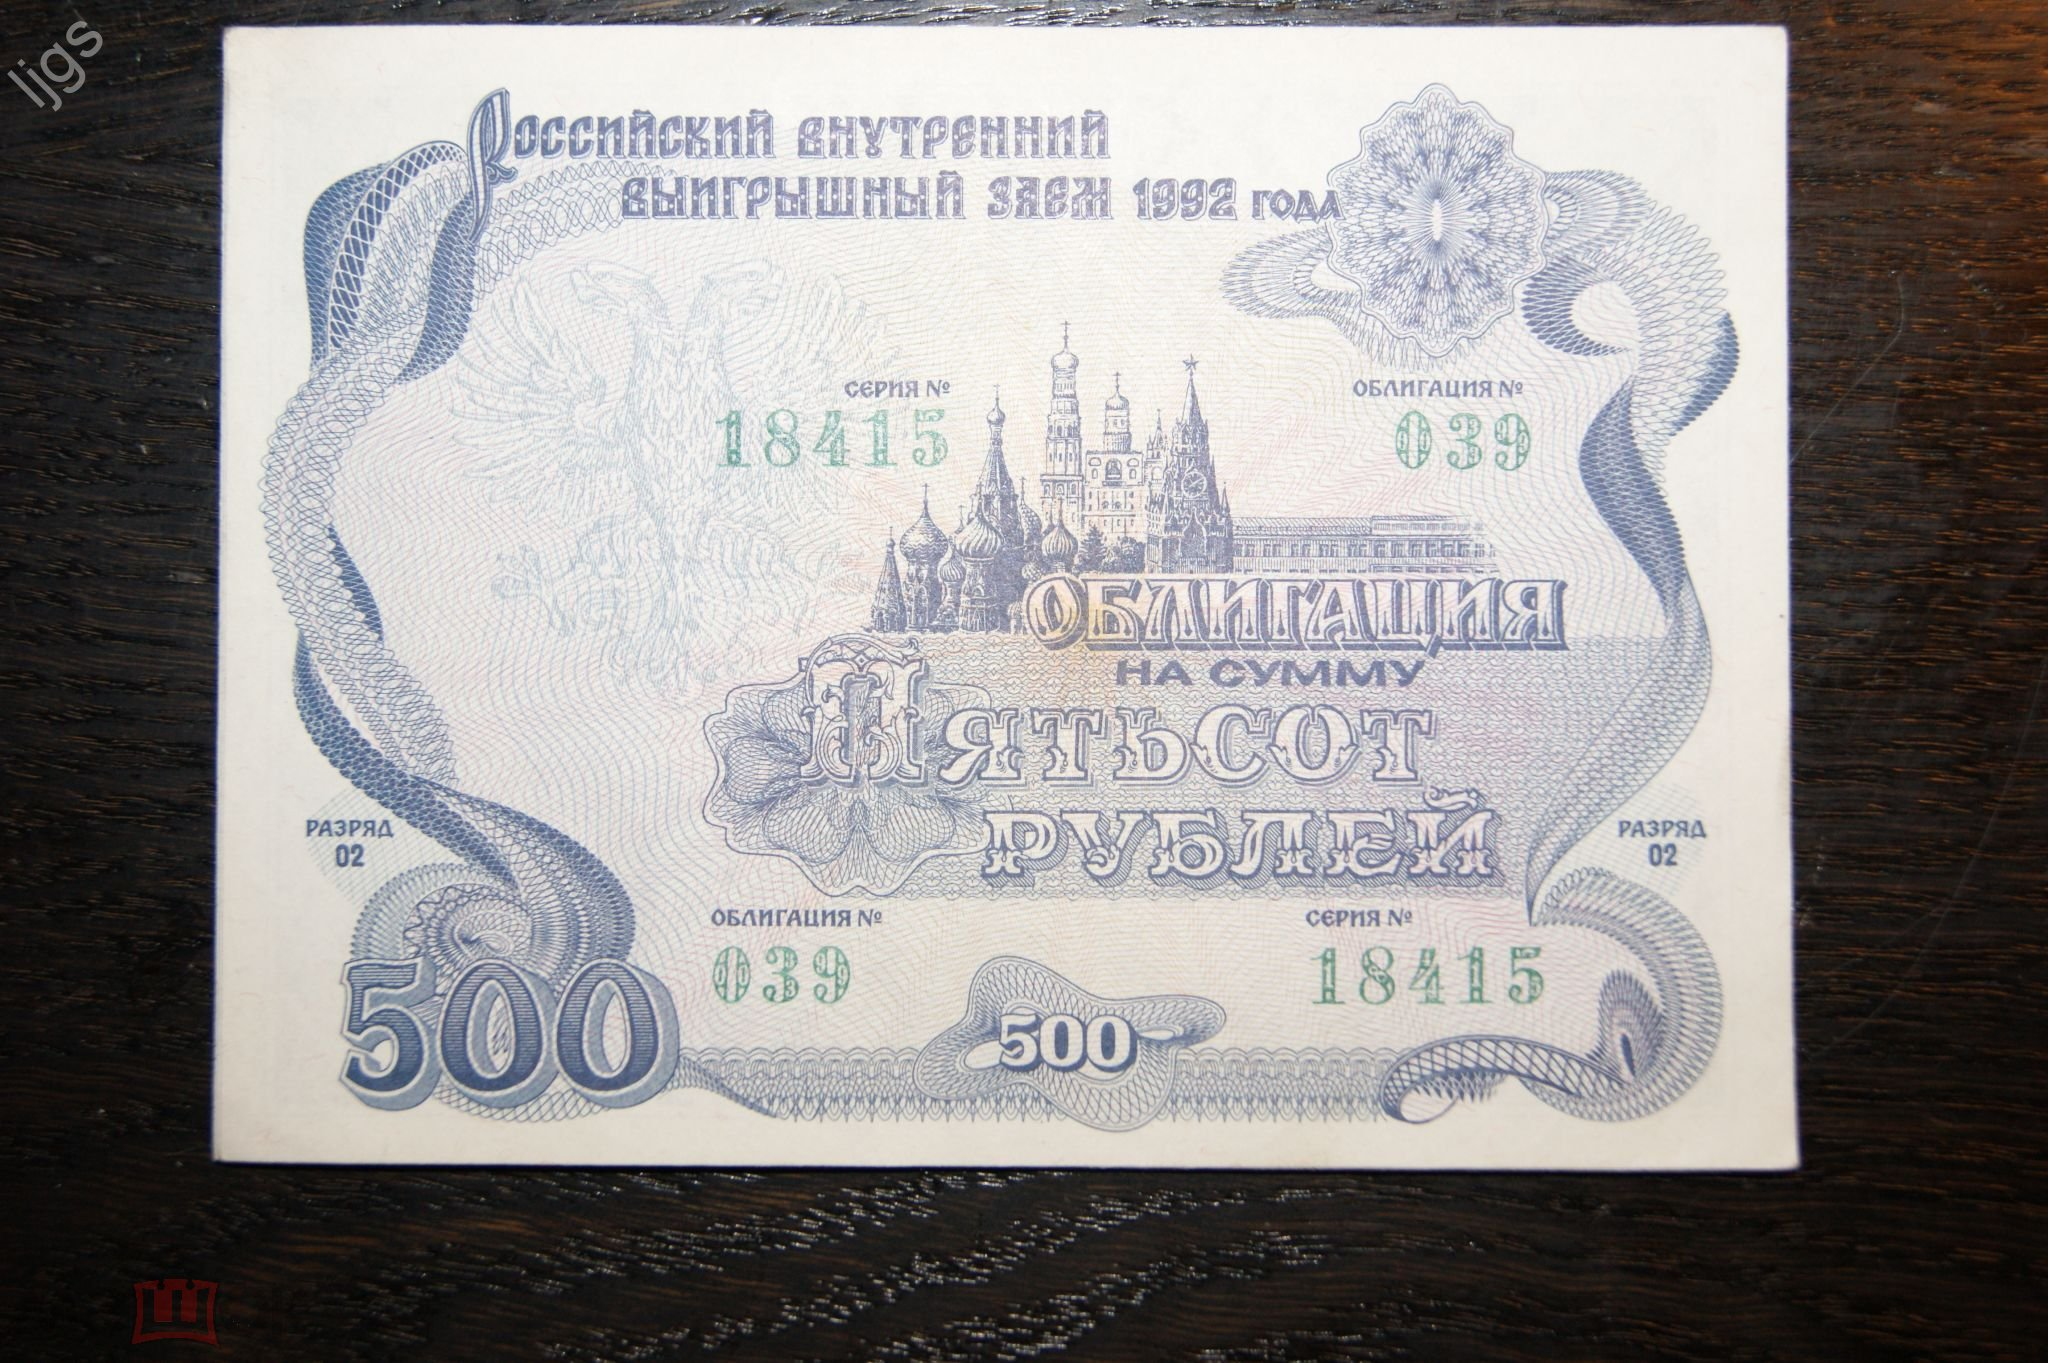 россии внутренний выигрышный заем 1992 года онлайн кредит казахстан на карту на длительный срок